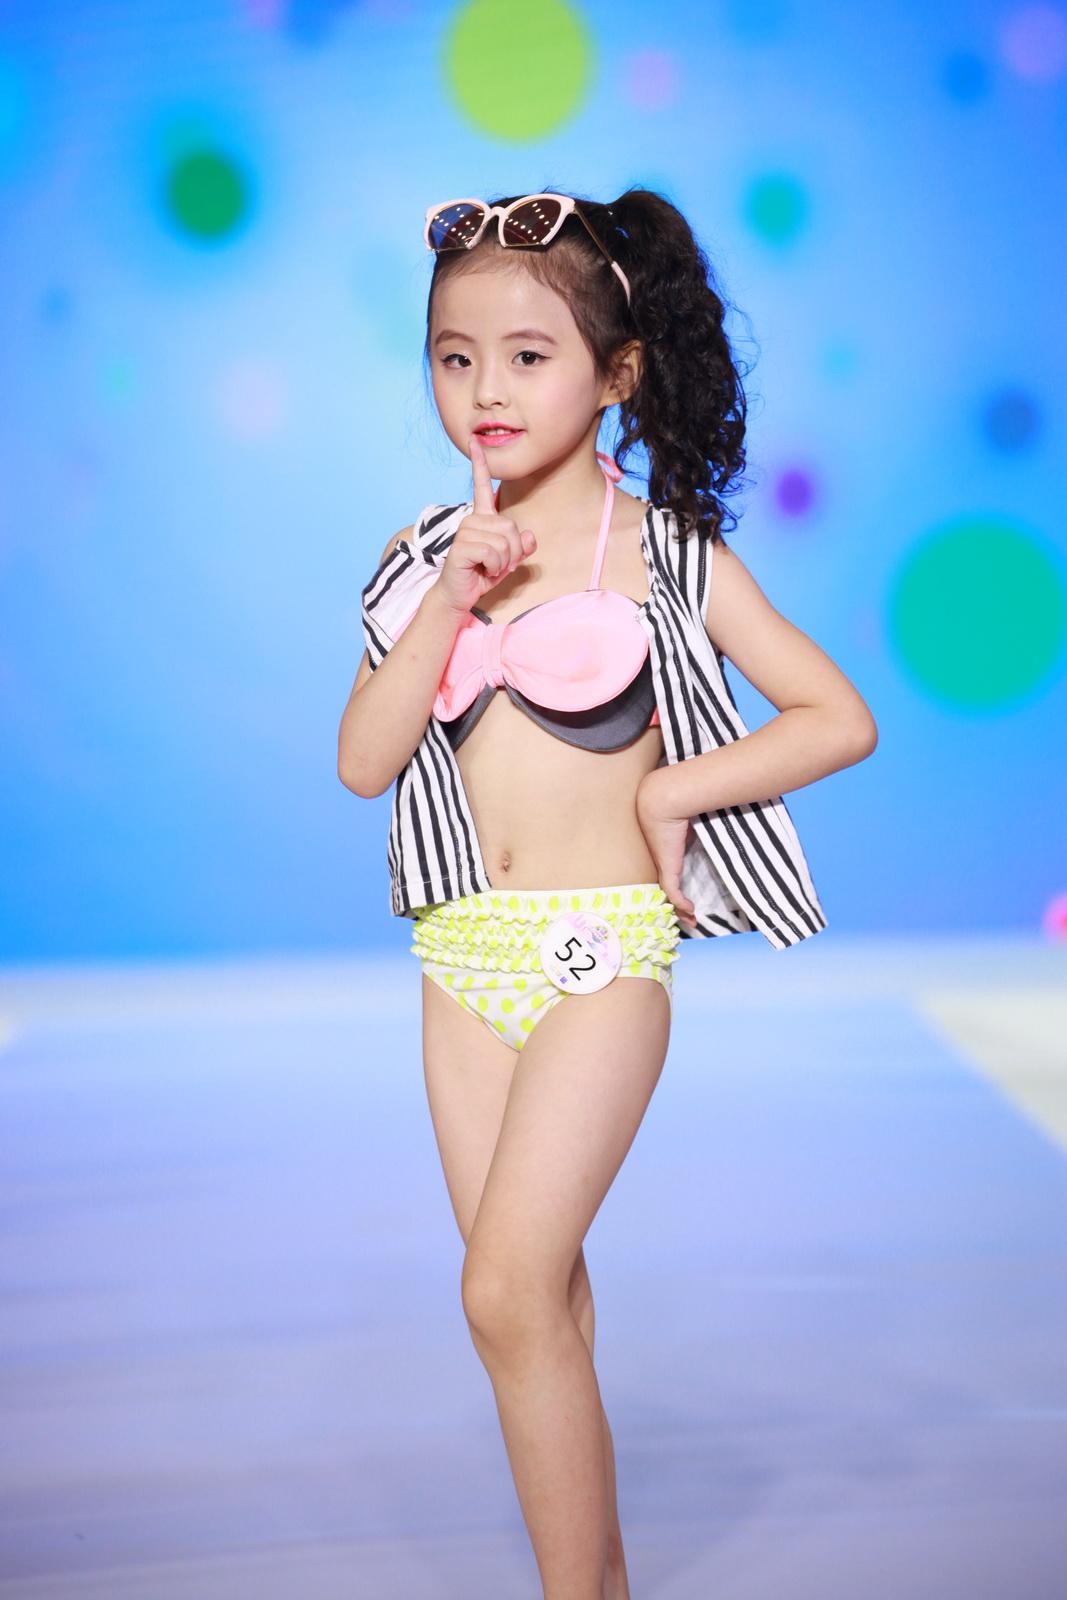 碧桂园2017新丝路少儿模特大赛广州赛区复赛圆满结束